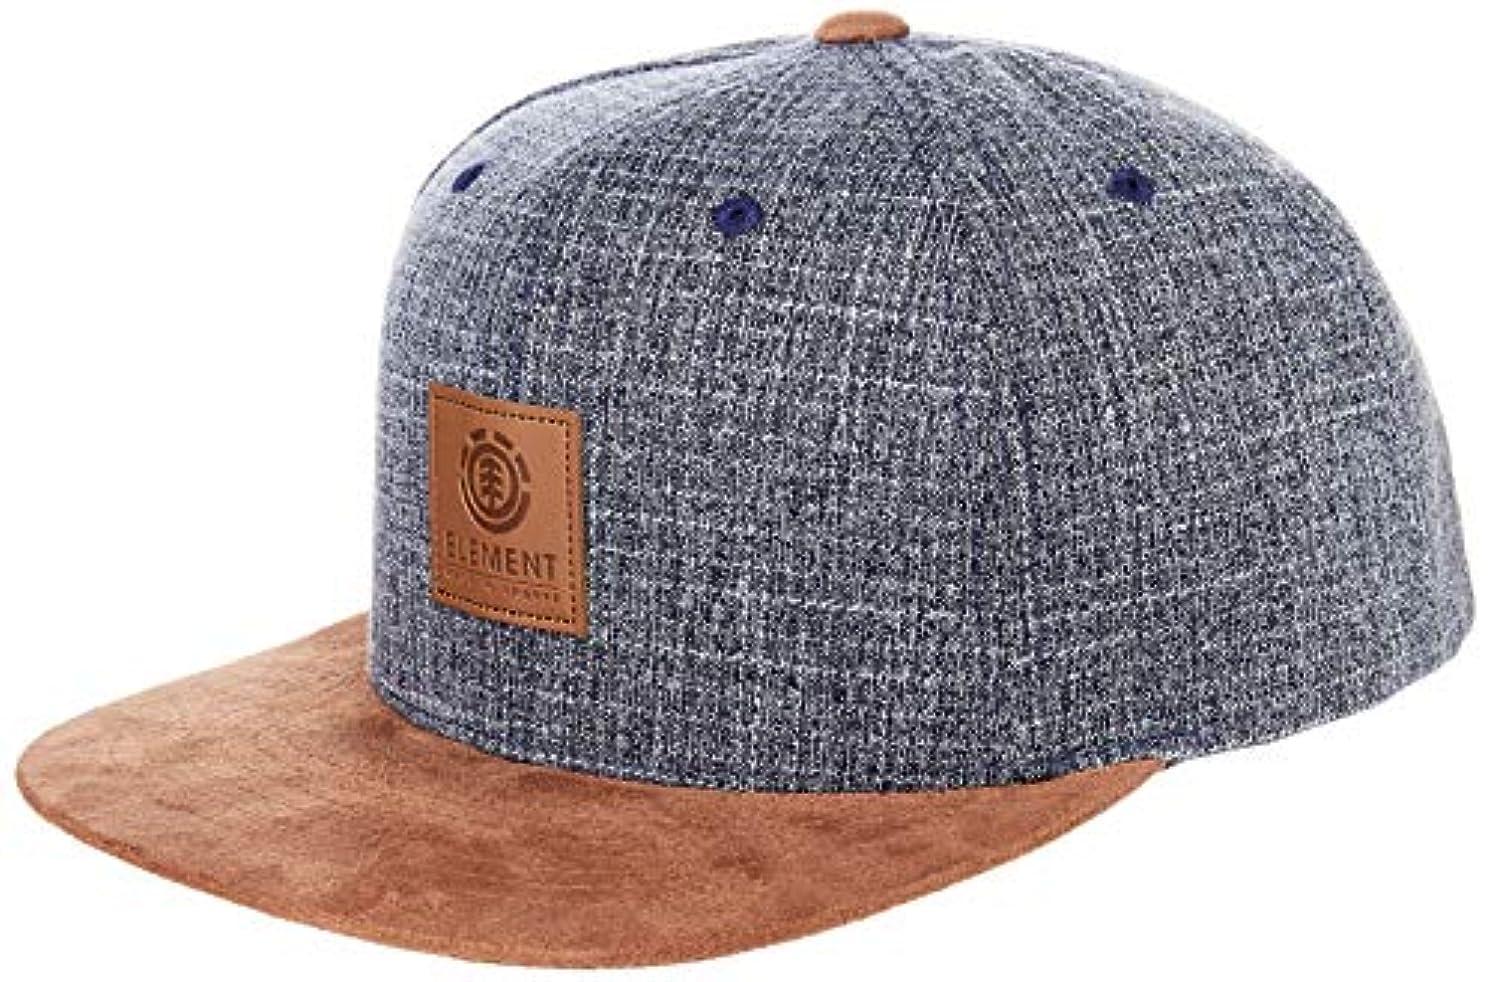 刻むメガロポリスレジ[エレメント] [ユニセックス] スナップバック キャップ (サイズ調整可能)[ AI022-901 / STATE II CAP ] 帽子 おしゃれ